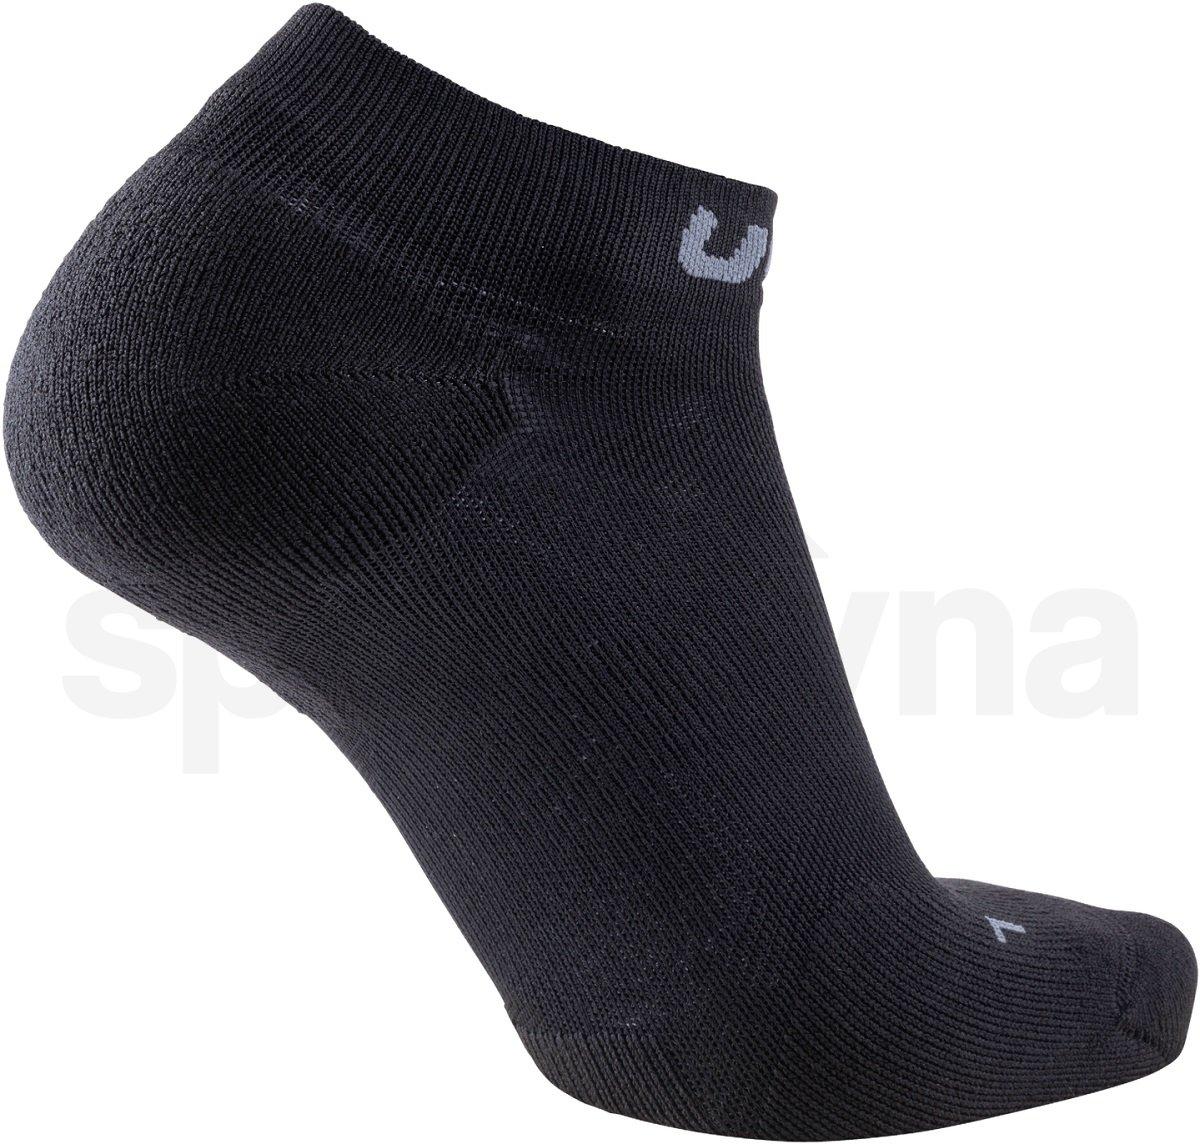 Ponožky UYN Trainer No Show Socks M - černá/šedá